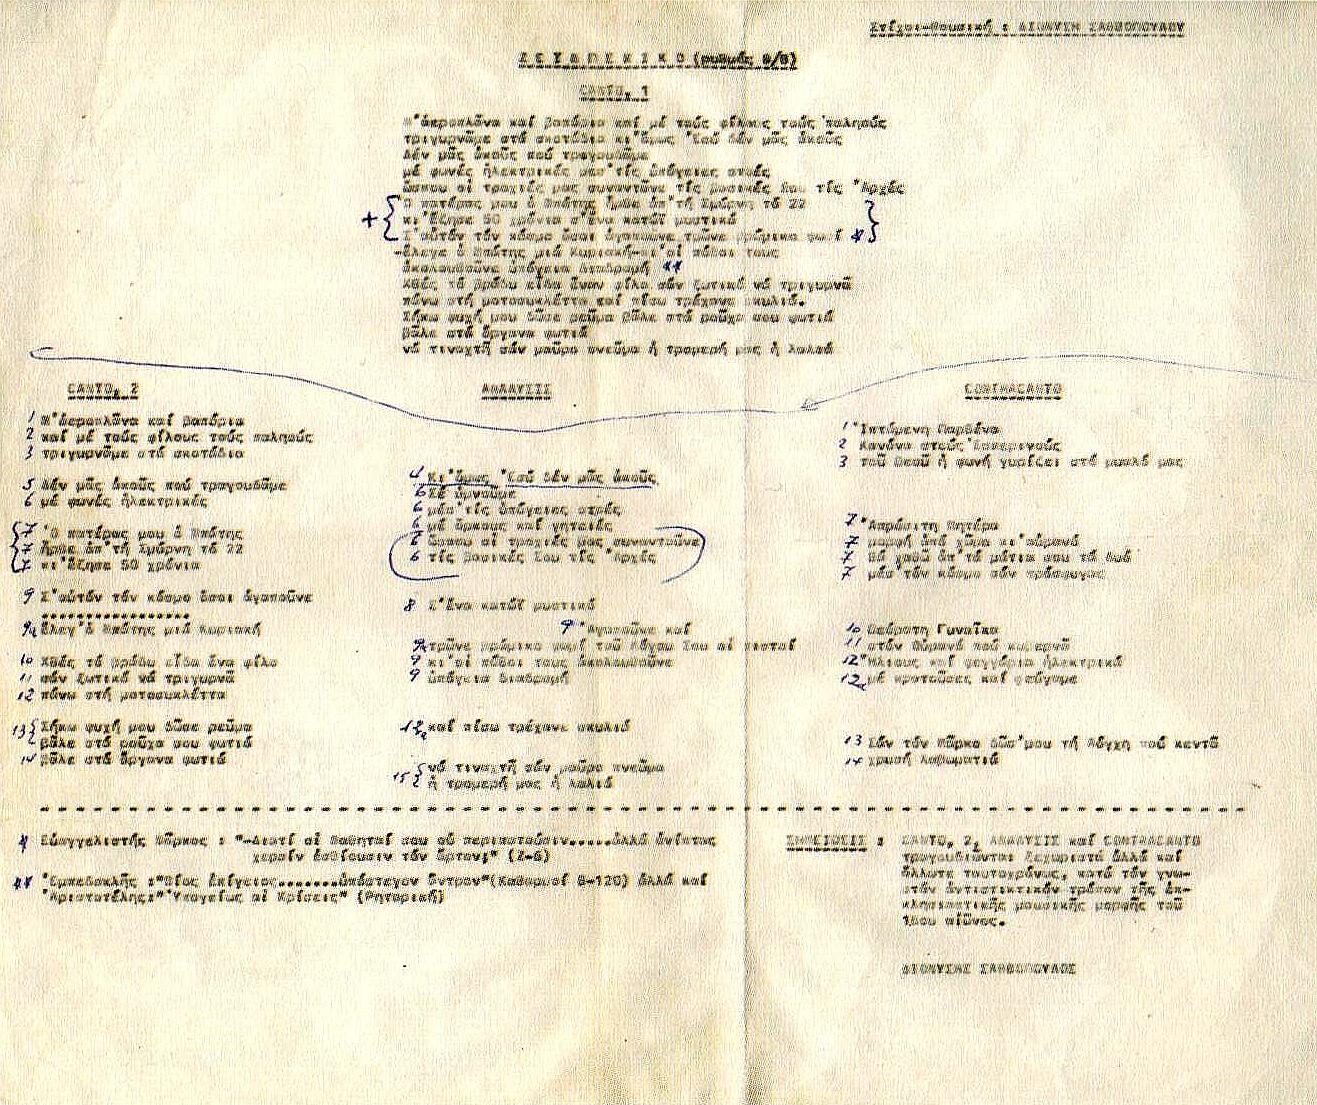 Ο φάκελος που υποβλήθηκε προς έγκριση από τον Διονύση Σαββόπουλο για το τραγούδι του «Το Ζεϊμπέκικο». Περιέχονται στίχοι και παρτιτούρες του τραγουδιού, 1970.